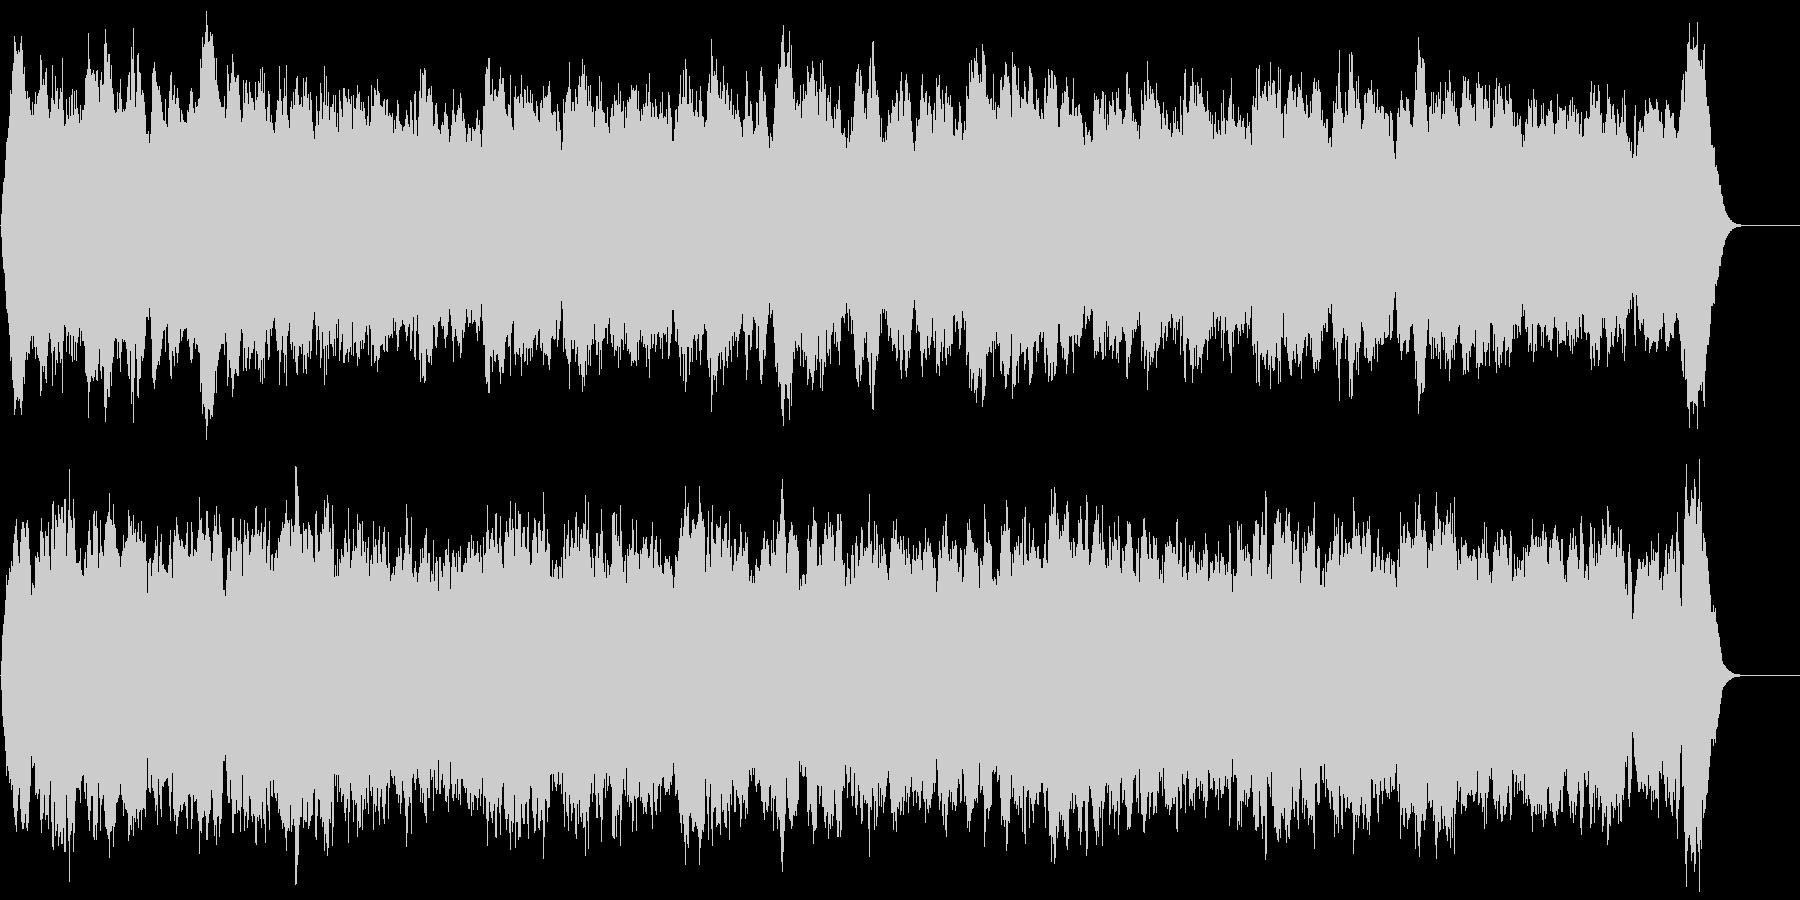 夜のイメージのパイプオルガンオリジナル曲の未再生の波形